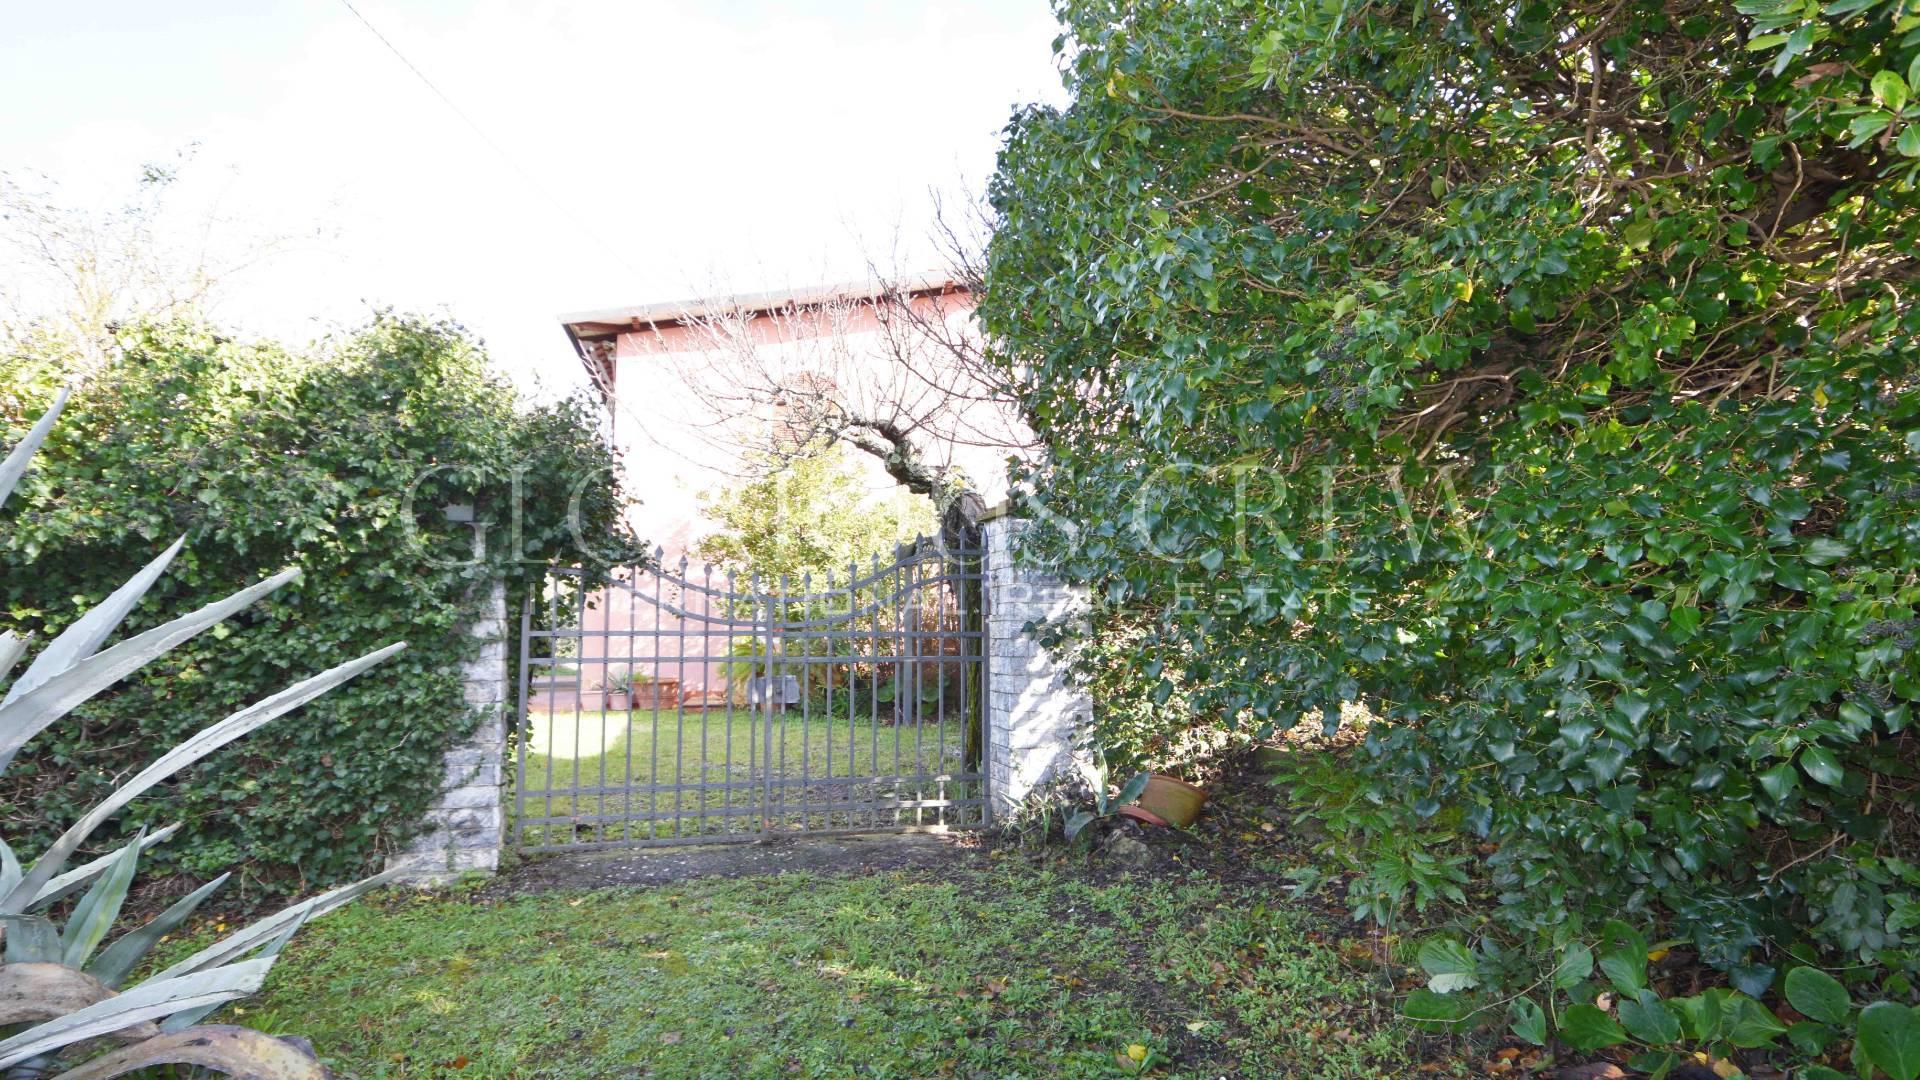 Villa in Vendita a Ameglia: 5 locali, 220 mq - Foto 10